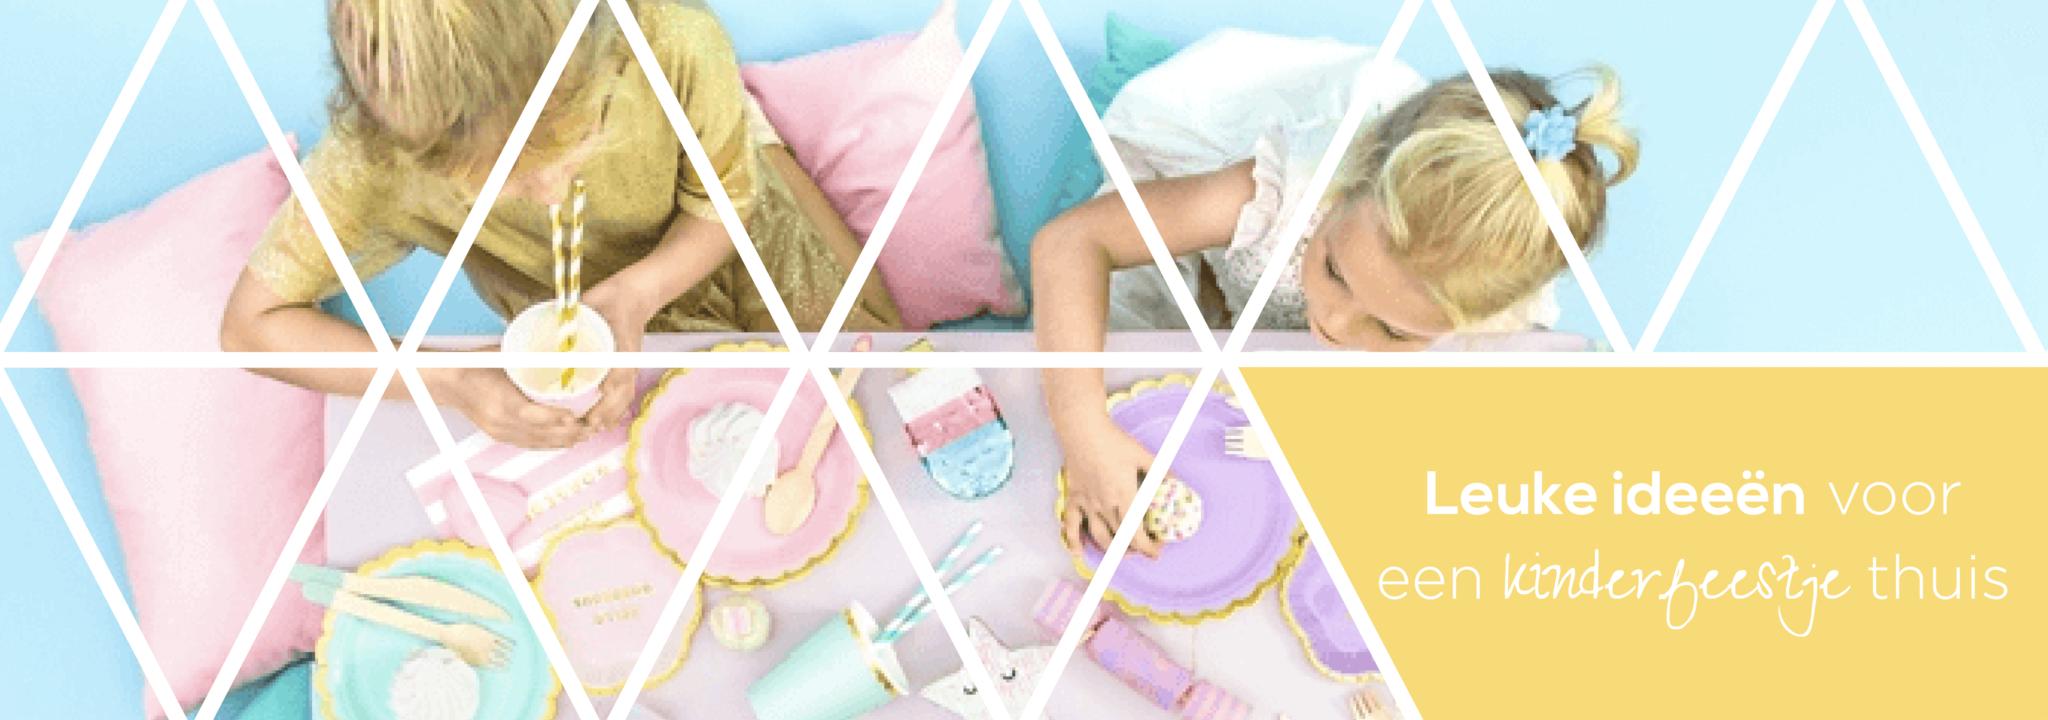 Leuke ideeën voor een kinderfeestje thuis